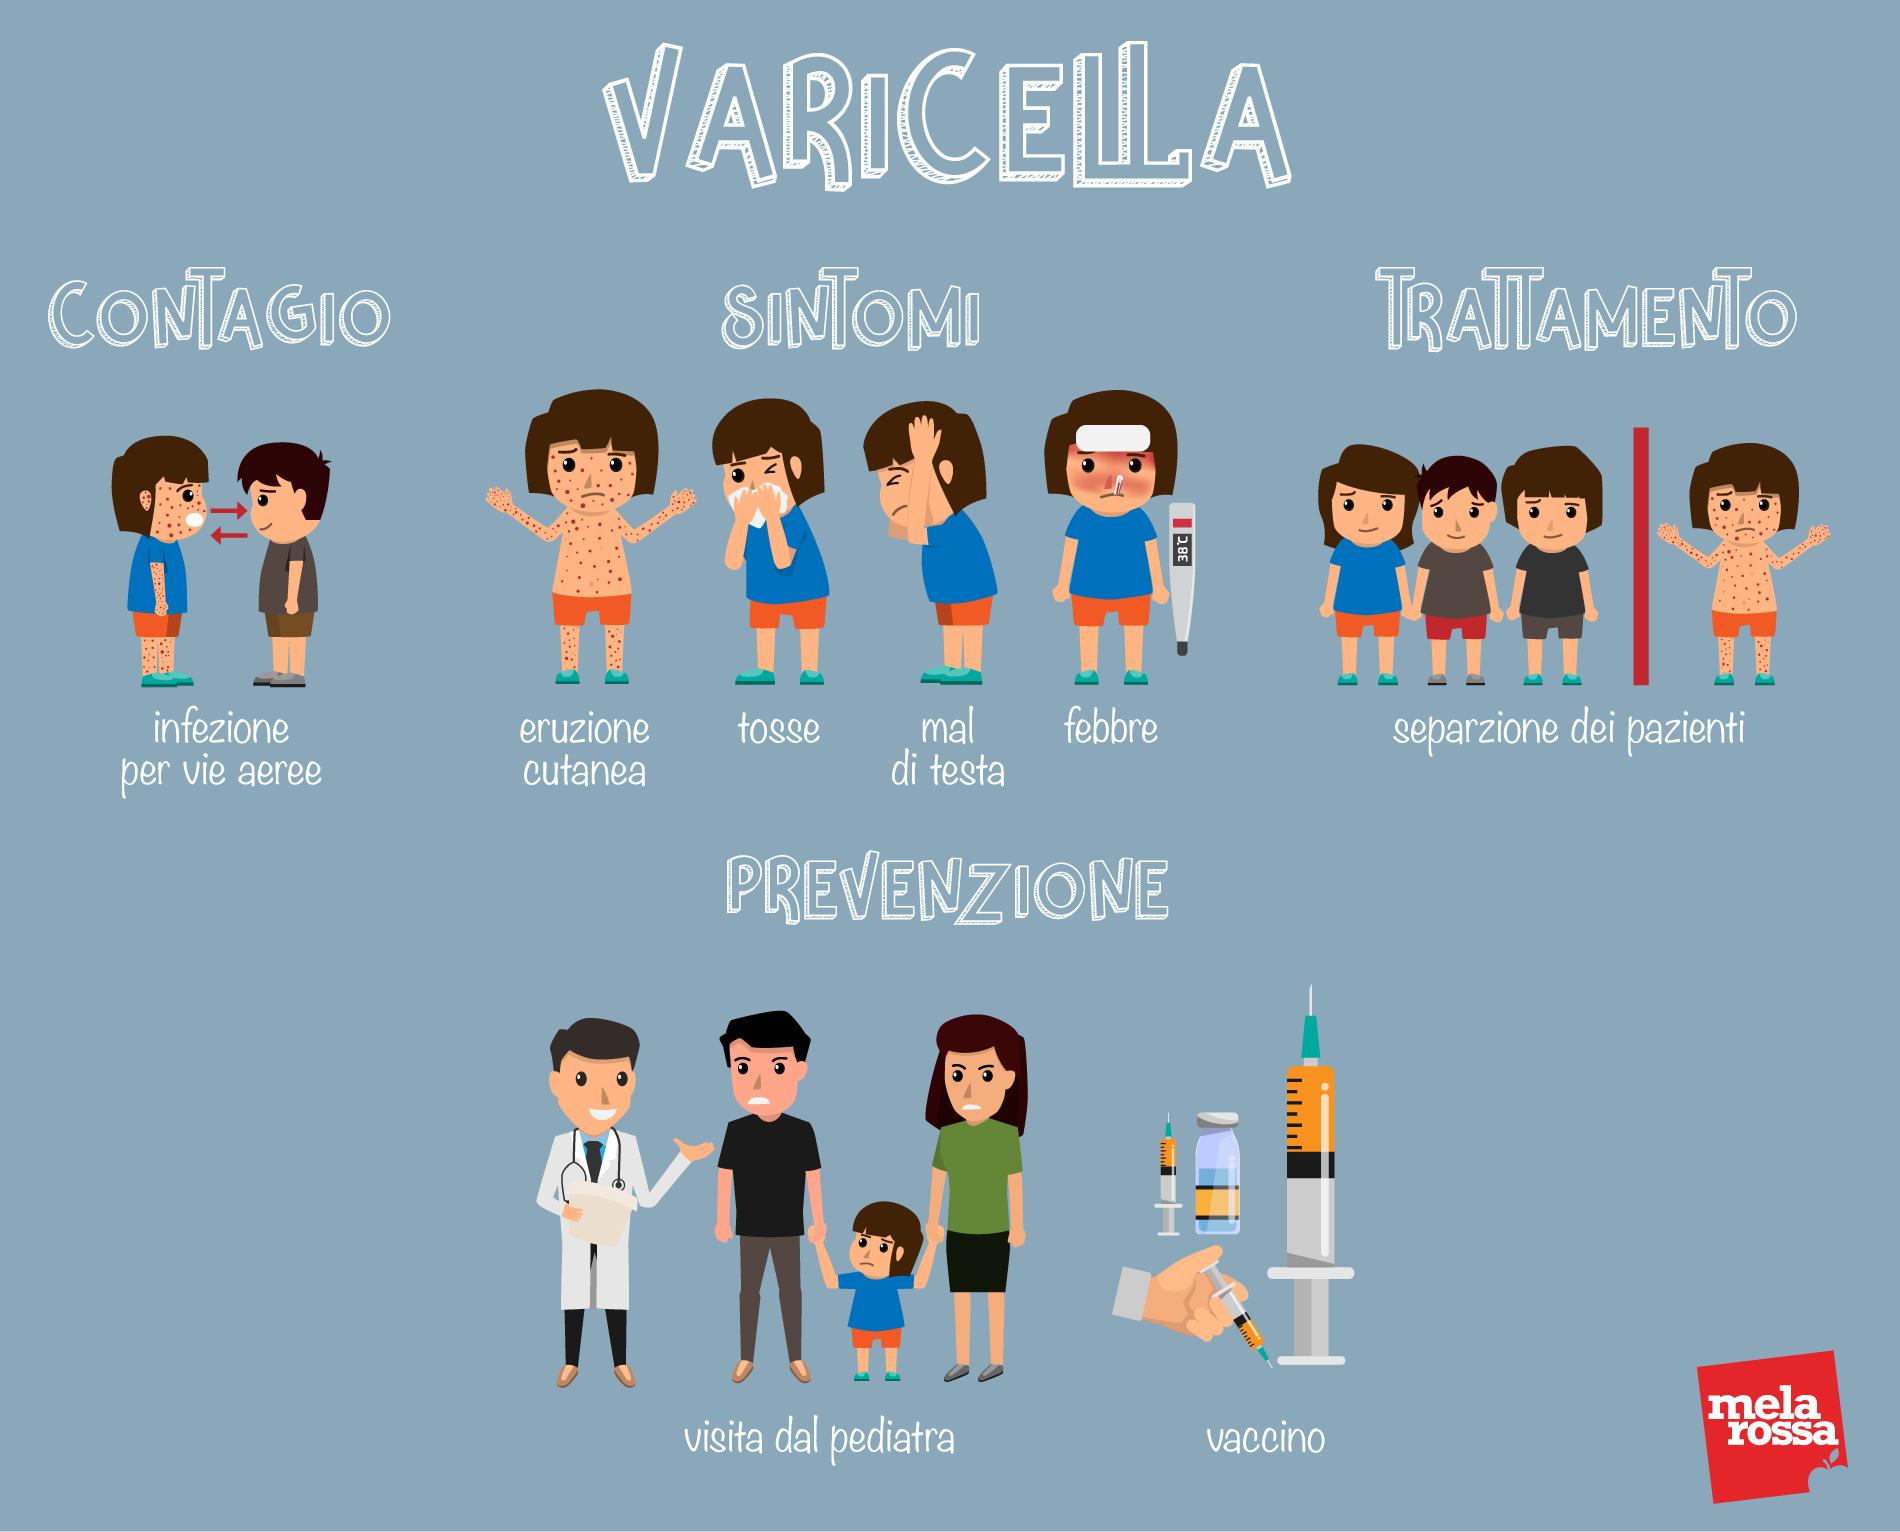 malattie esantematiche: varicella